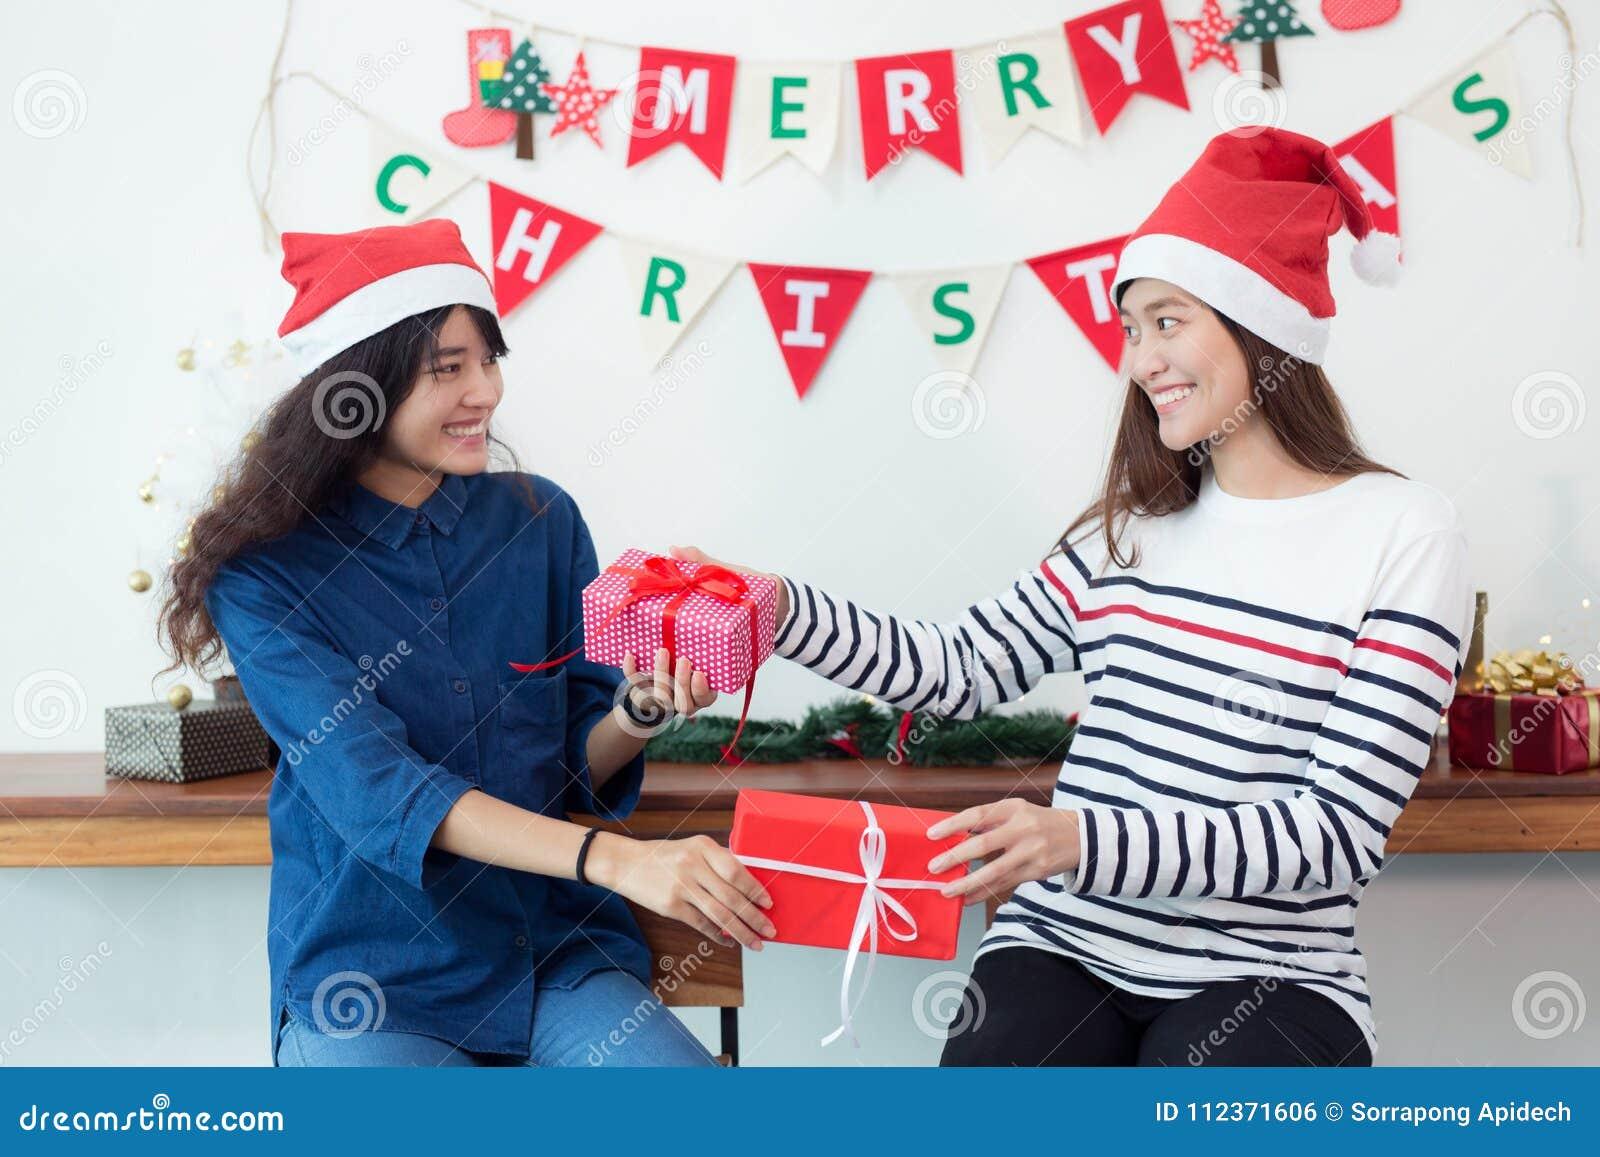 Schöne junge Frau feiert zu Hause, Frau gibt hallo